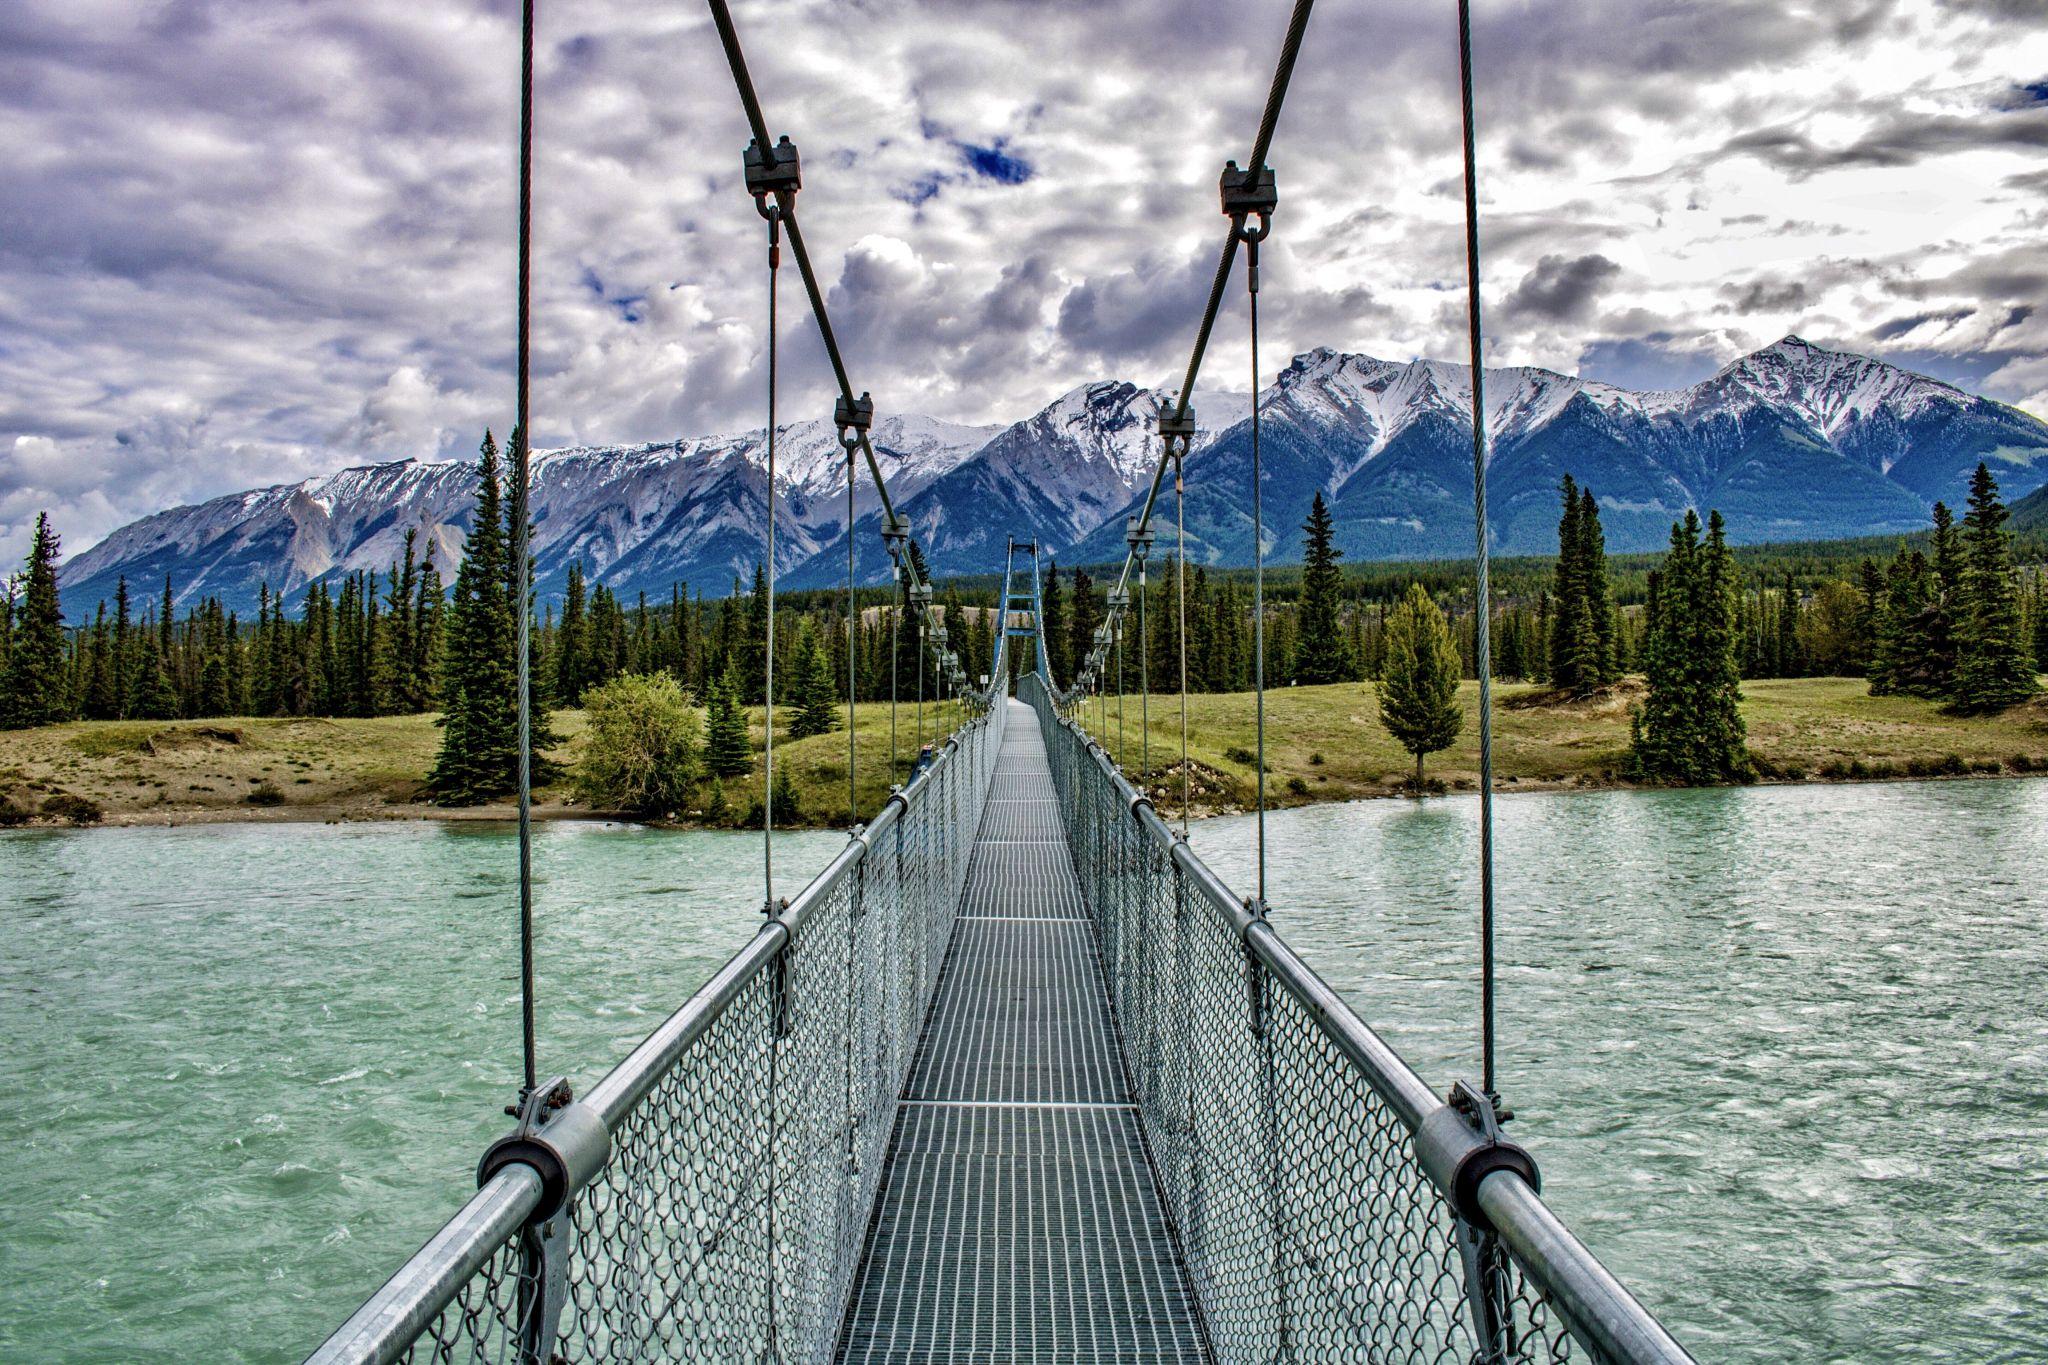 Siffleur Falls Trailhead, Canada